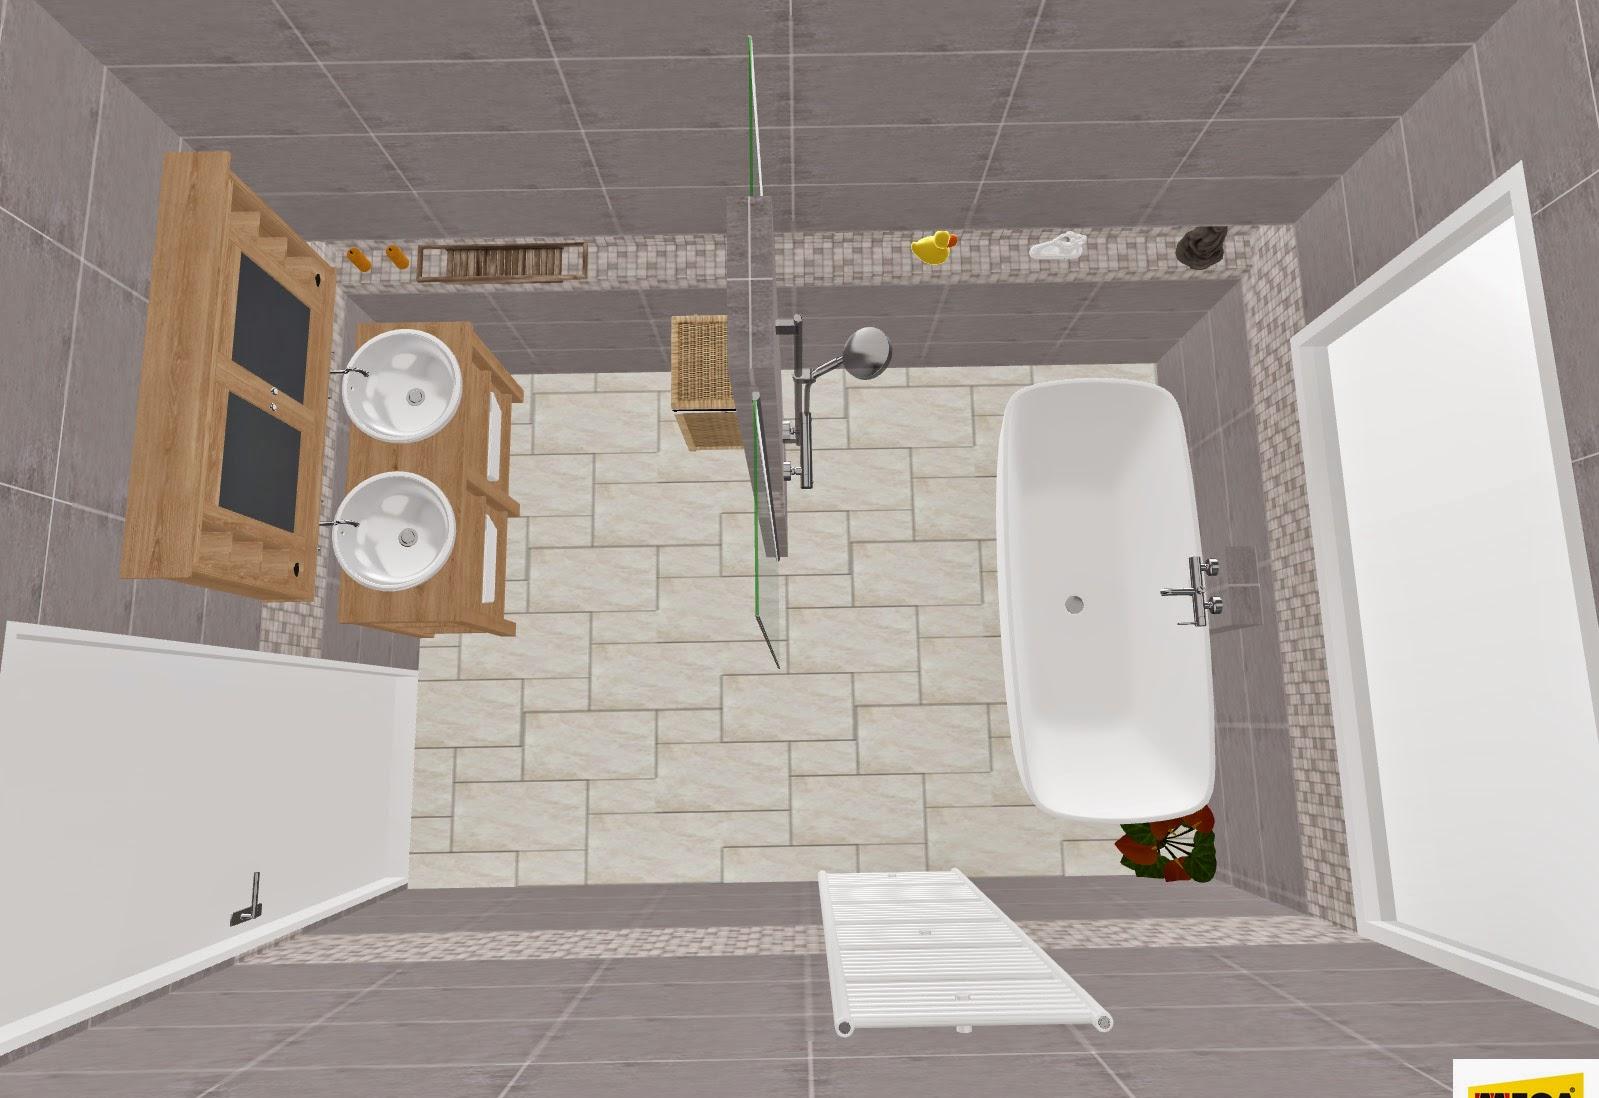 Ons nieuwe huis badkamer final - Nieuwe ontwerpmuur ...